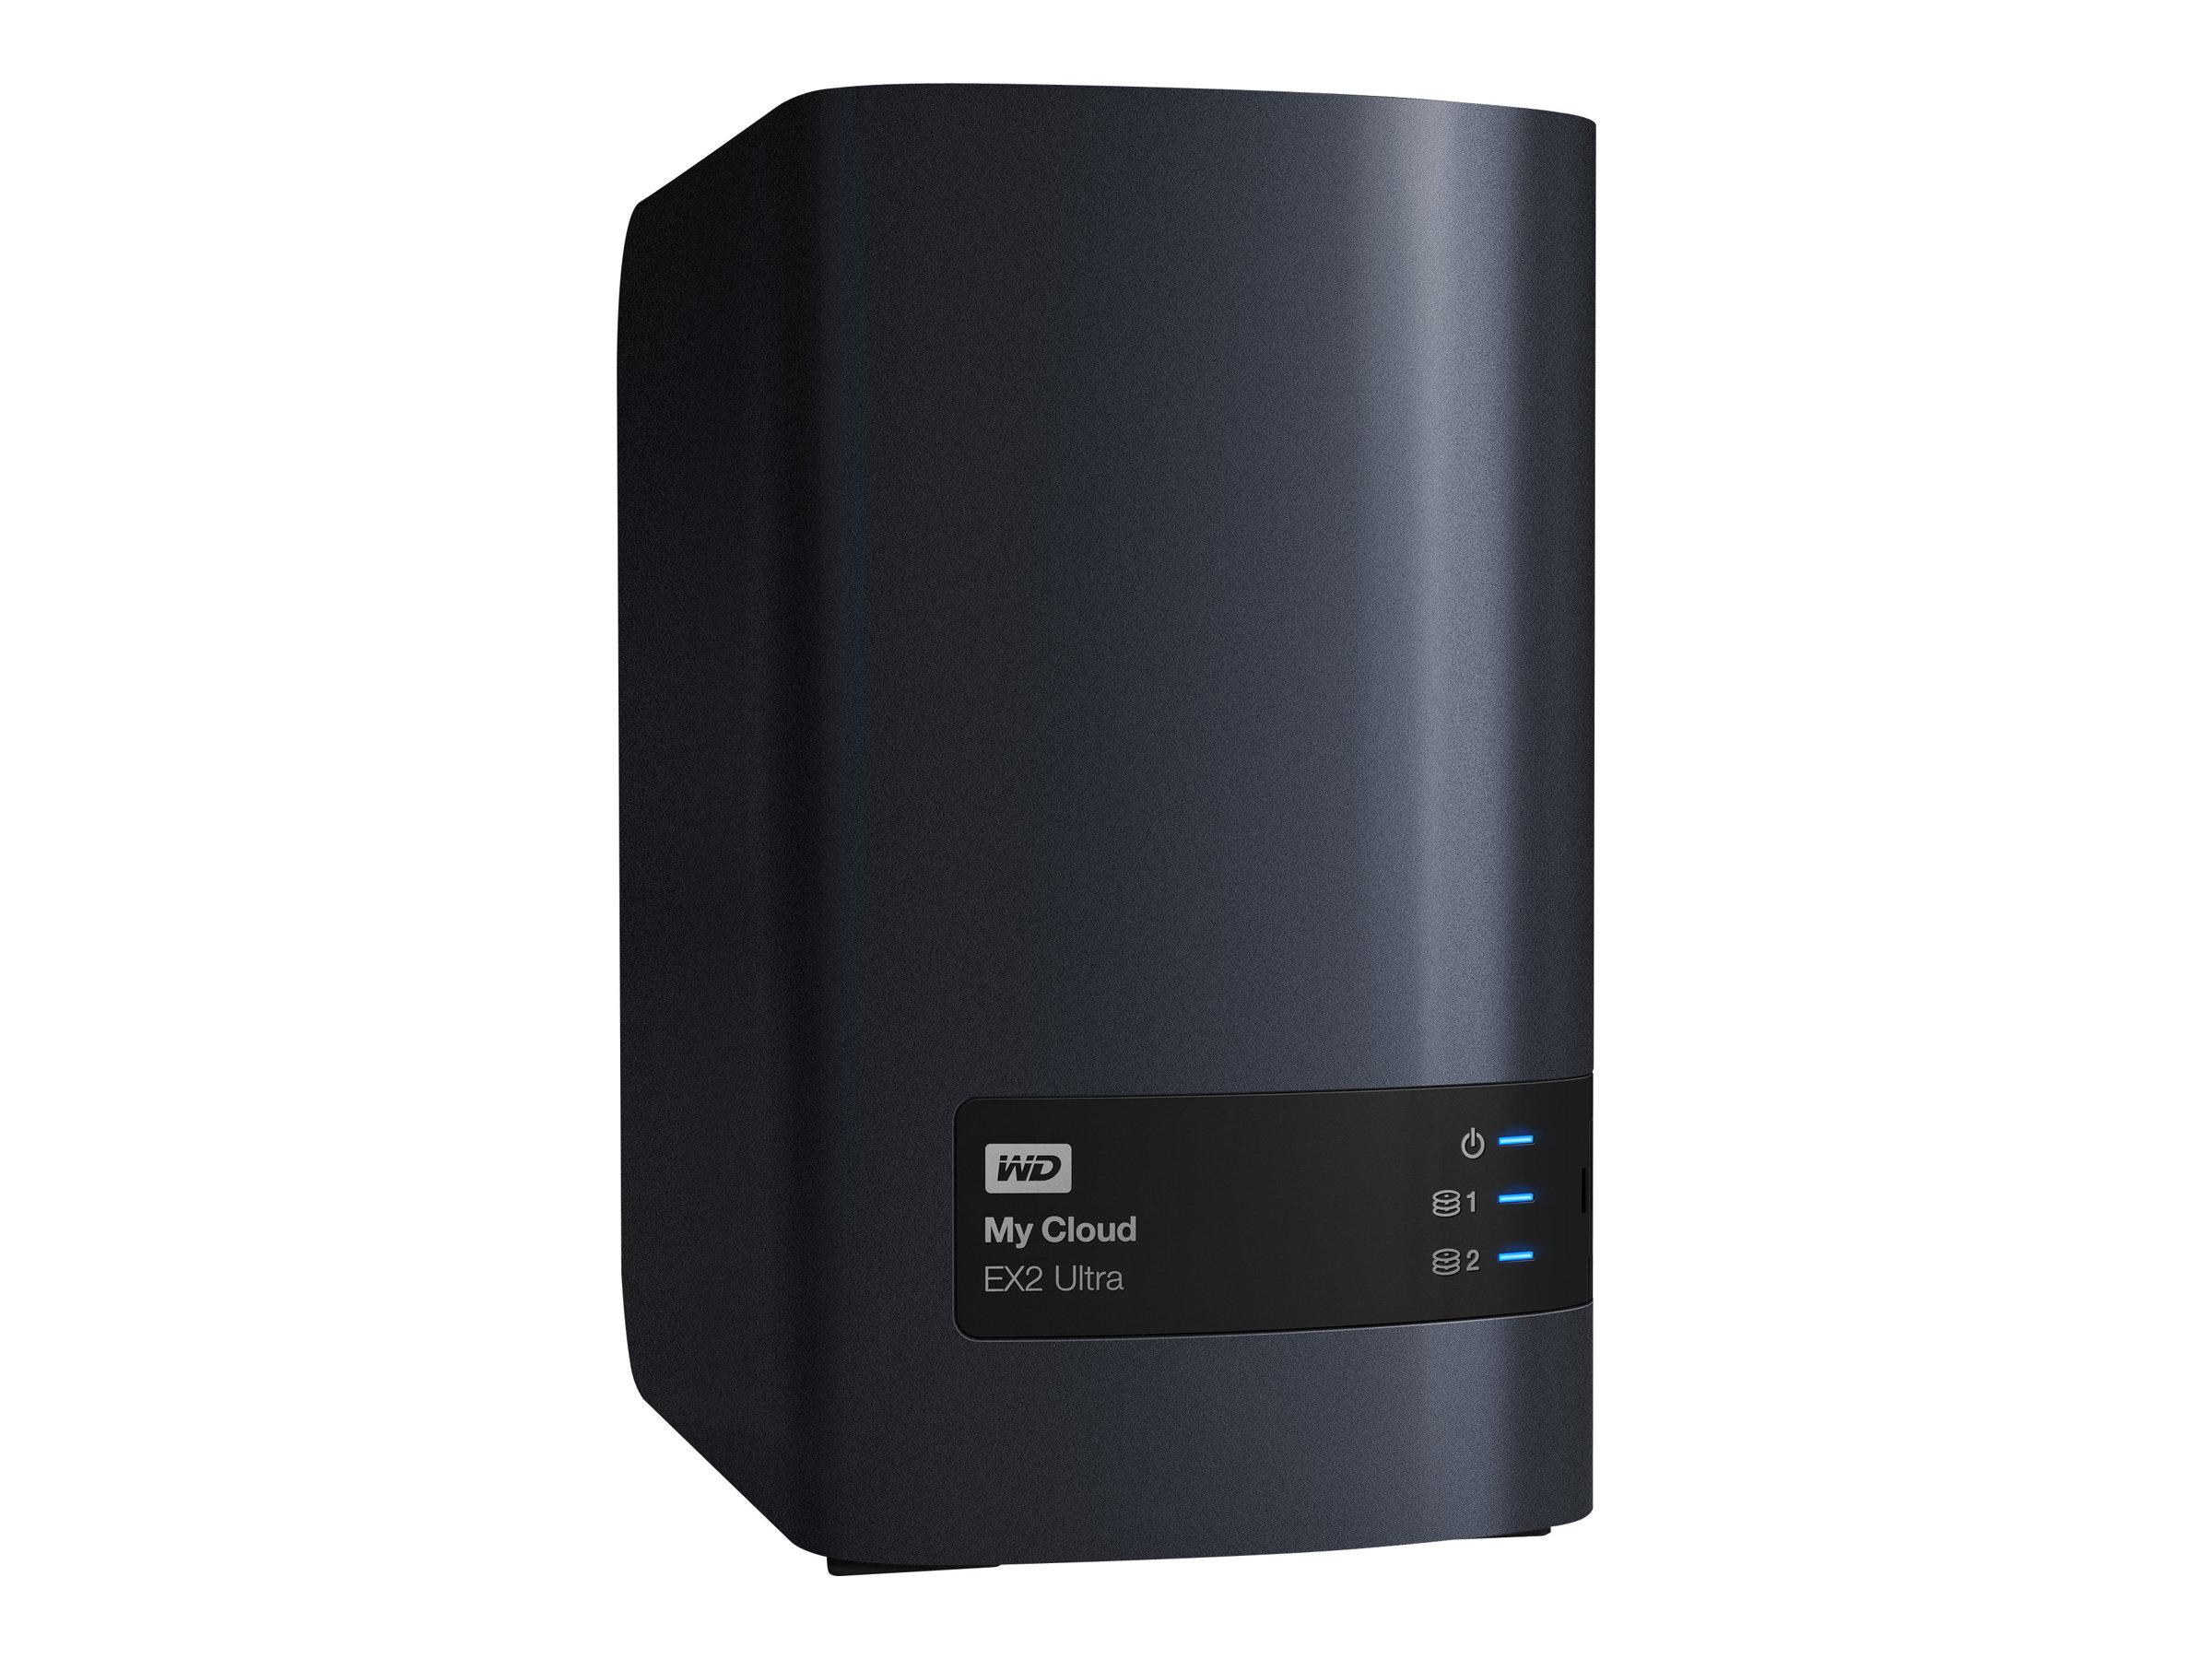 WD My Cloud EX2 Ultra WDBVBZ0240JCH - Gerät für persönlichen Cloudspeicher - 2 Schächte - 24 TB - HDD 12 TB x 2 - RAID 0, 1, JBO